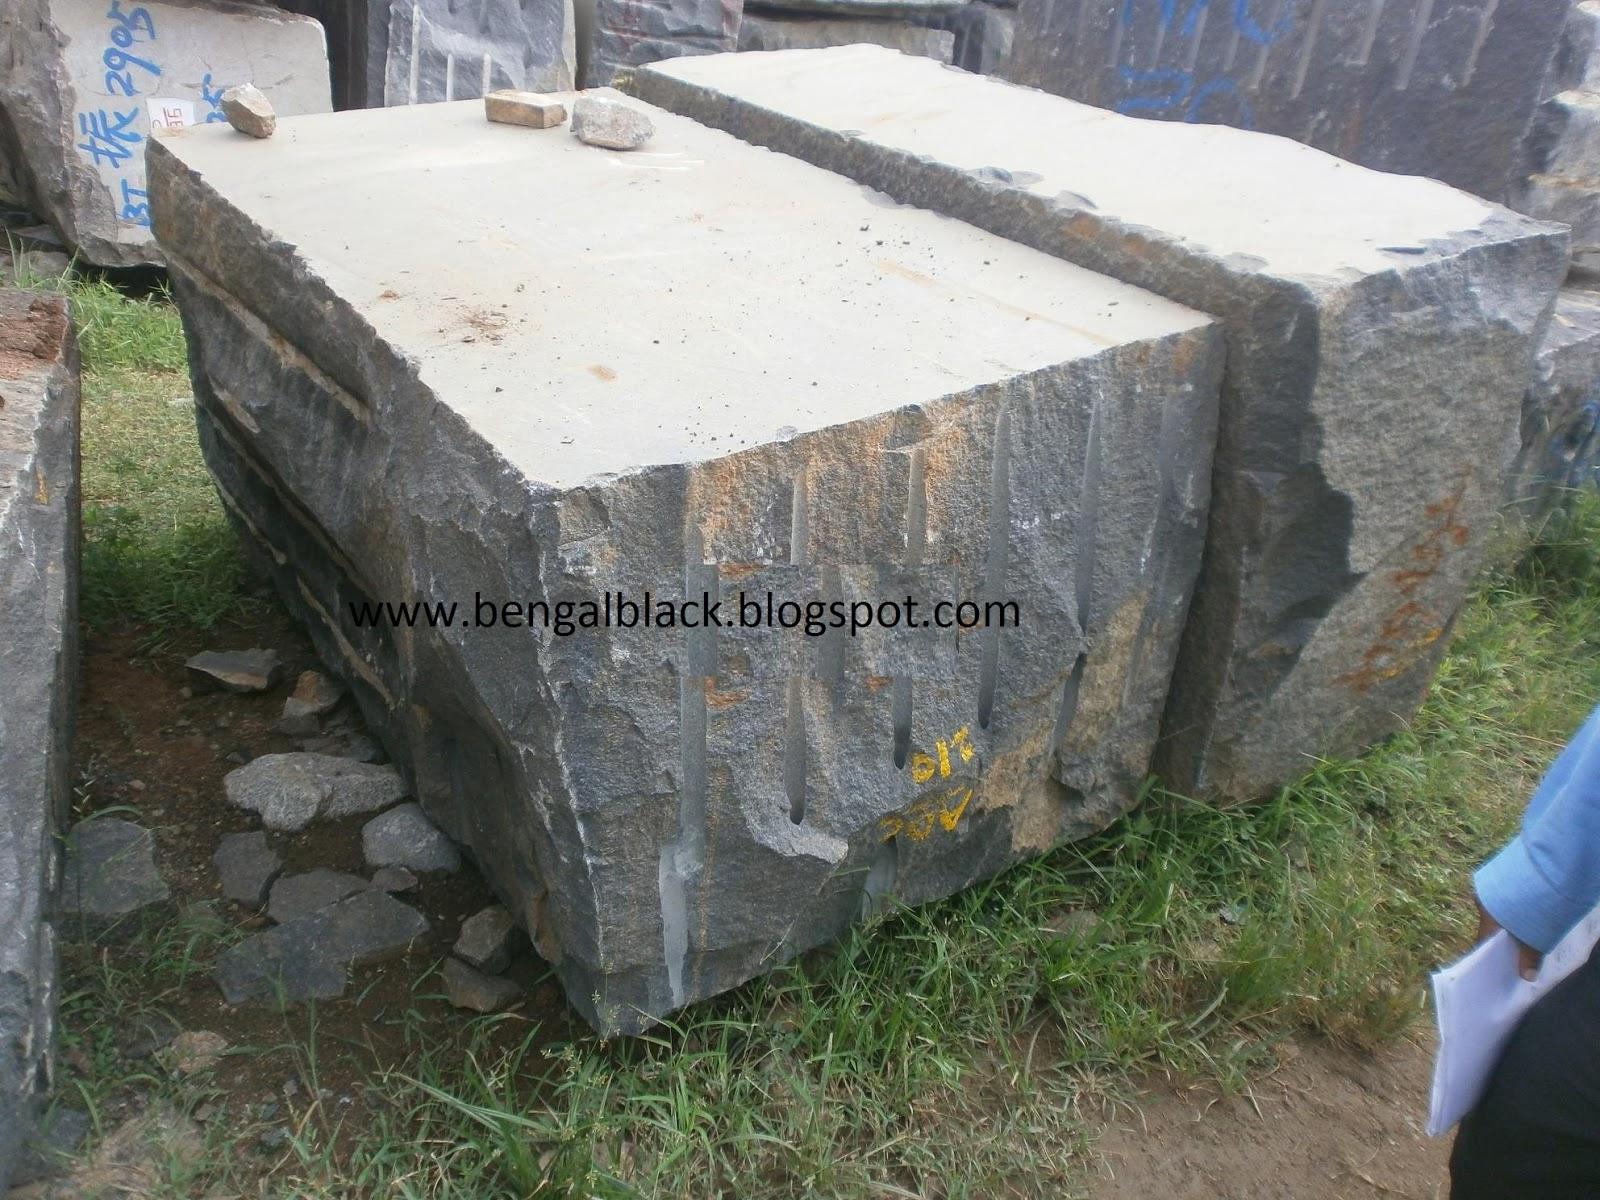 Marble Small Block : Aapt granite bengal black blocks small